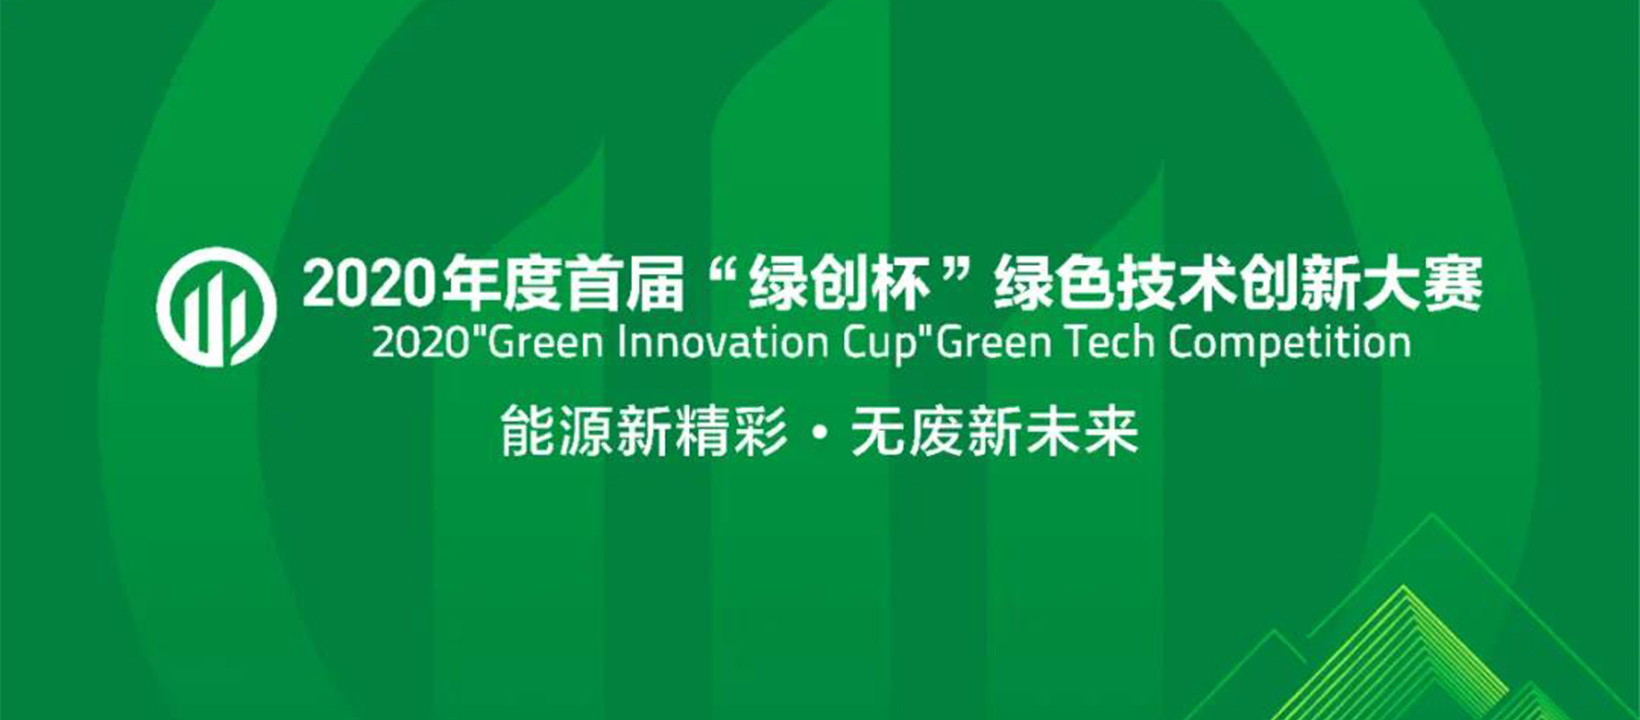 绿创-Banner